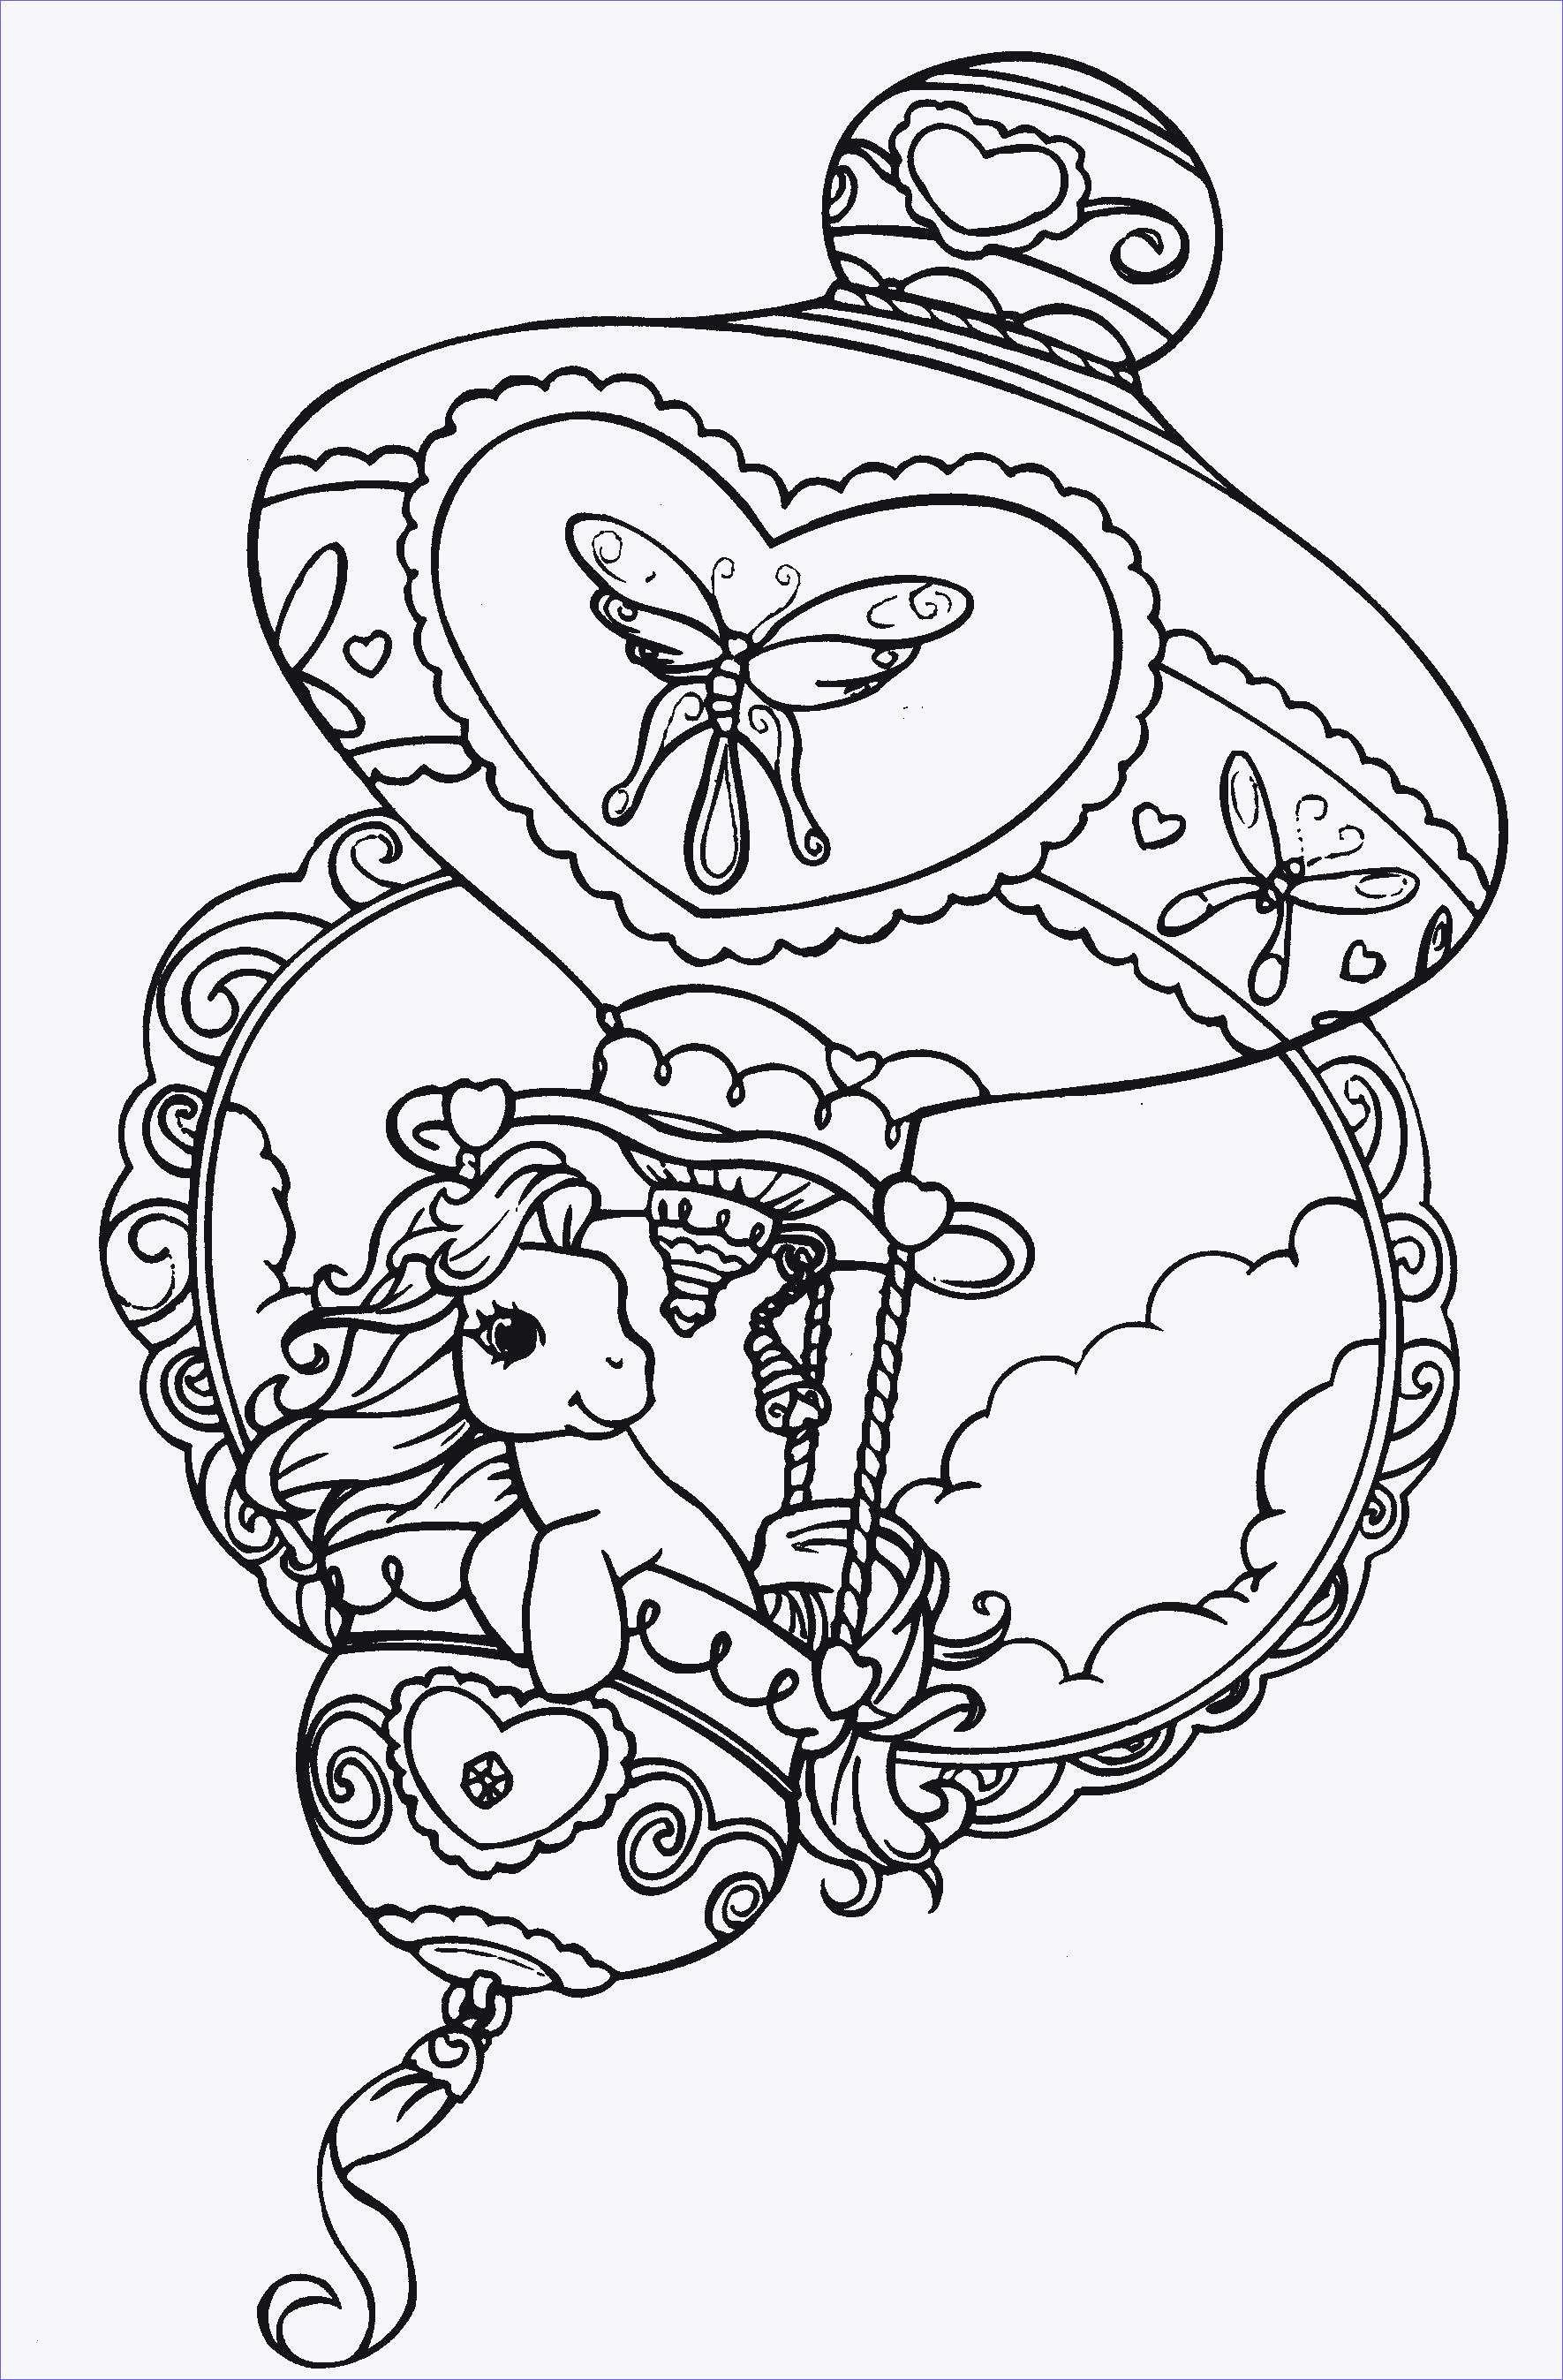 Ausmalbilder My Little Pony Rainbow Dash Das Beste Von My Little Pony Ausmalbilder Inspirierend Equestria Girl Ausmalbilder Galerie